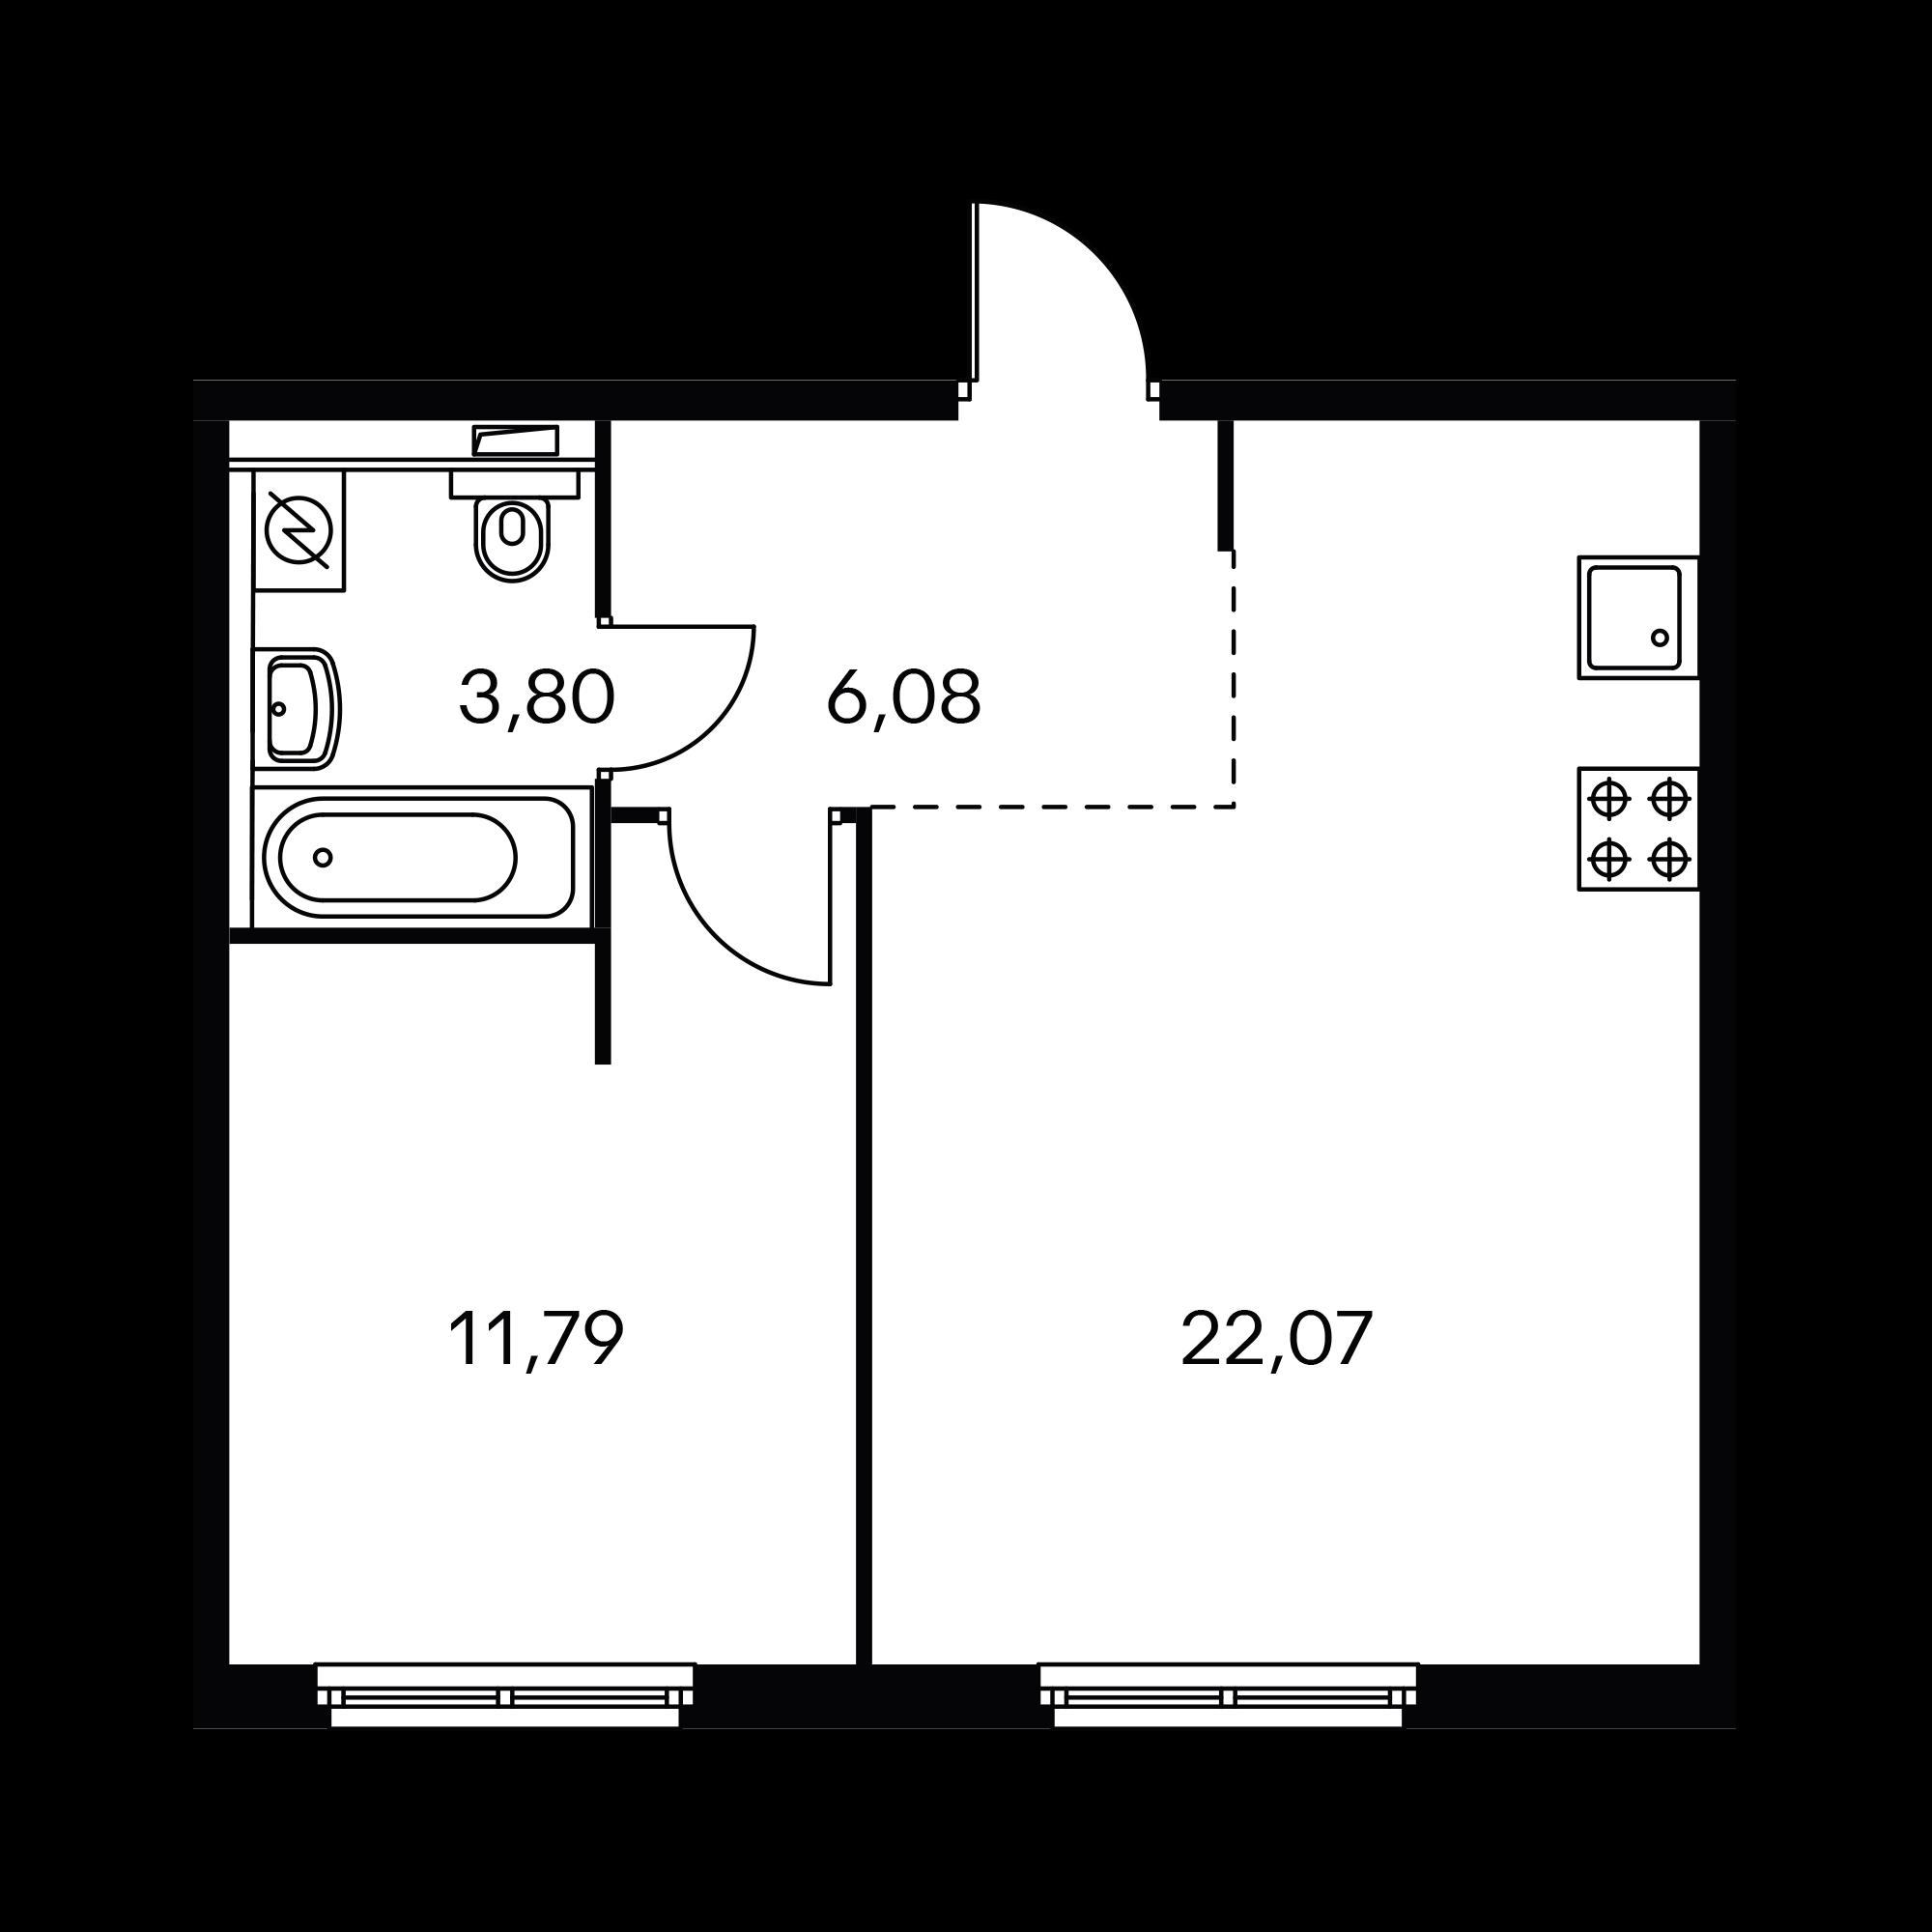 1EL4_7.8-1_S_A2